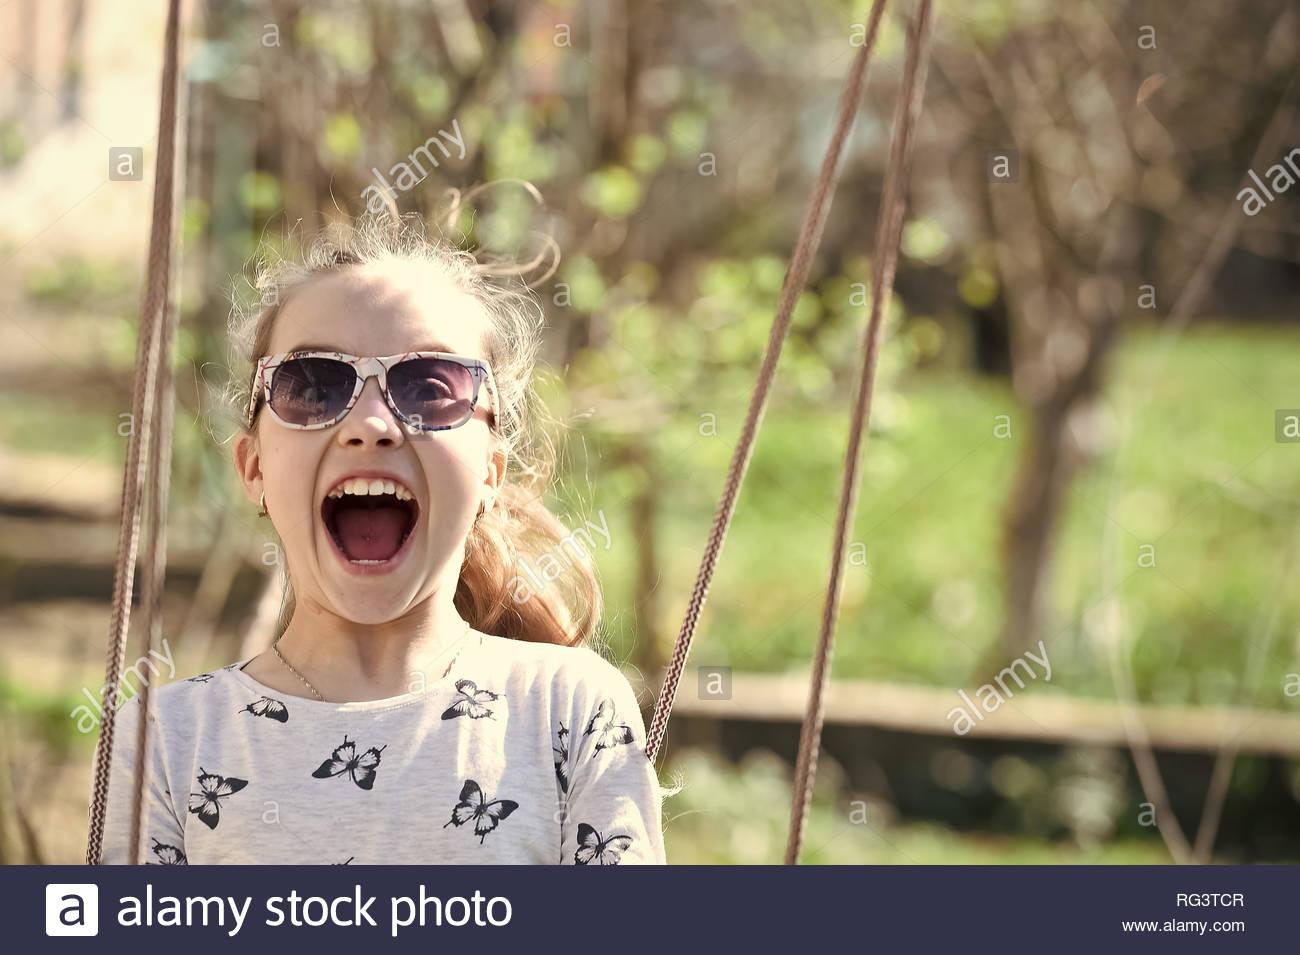 Petit Enfant Sourire Sur Swing En Cour D'été. Fashion Girl avec Jeux Pour Petit Enfant